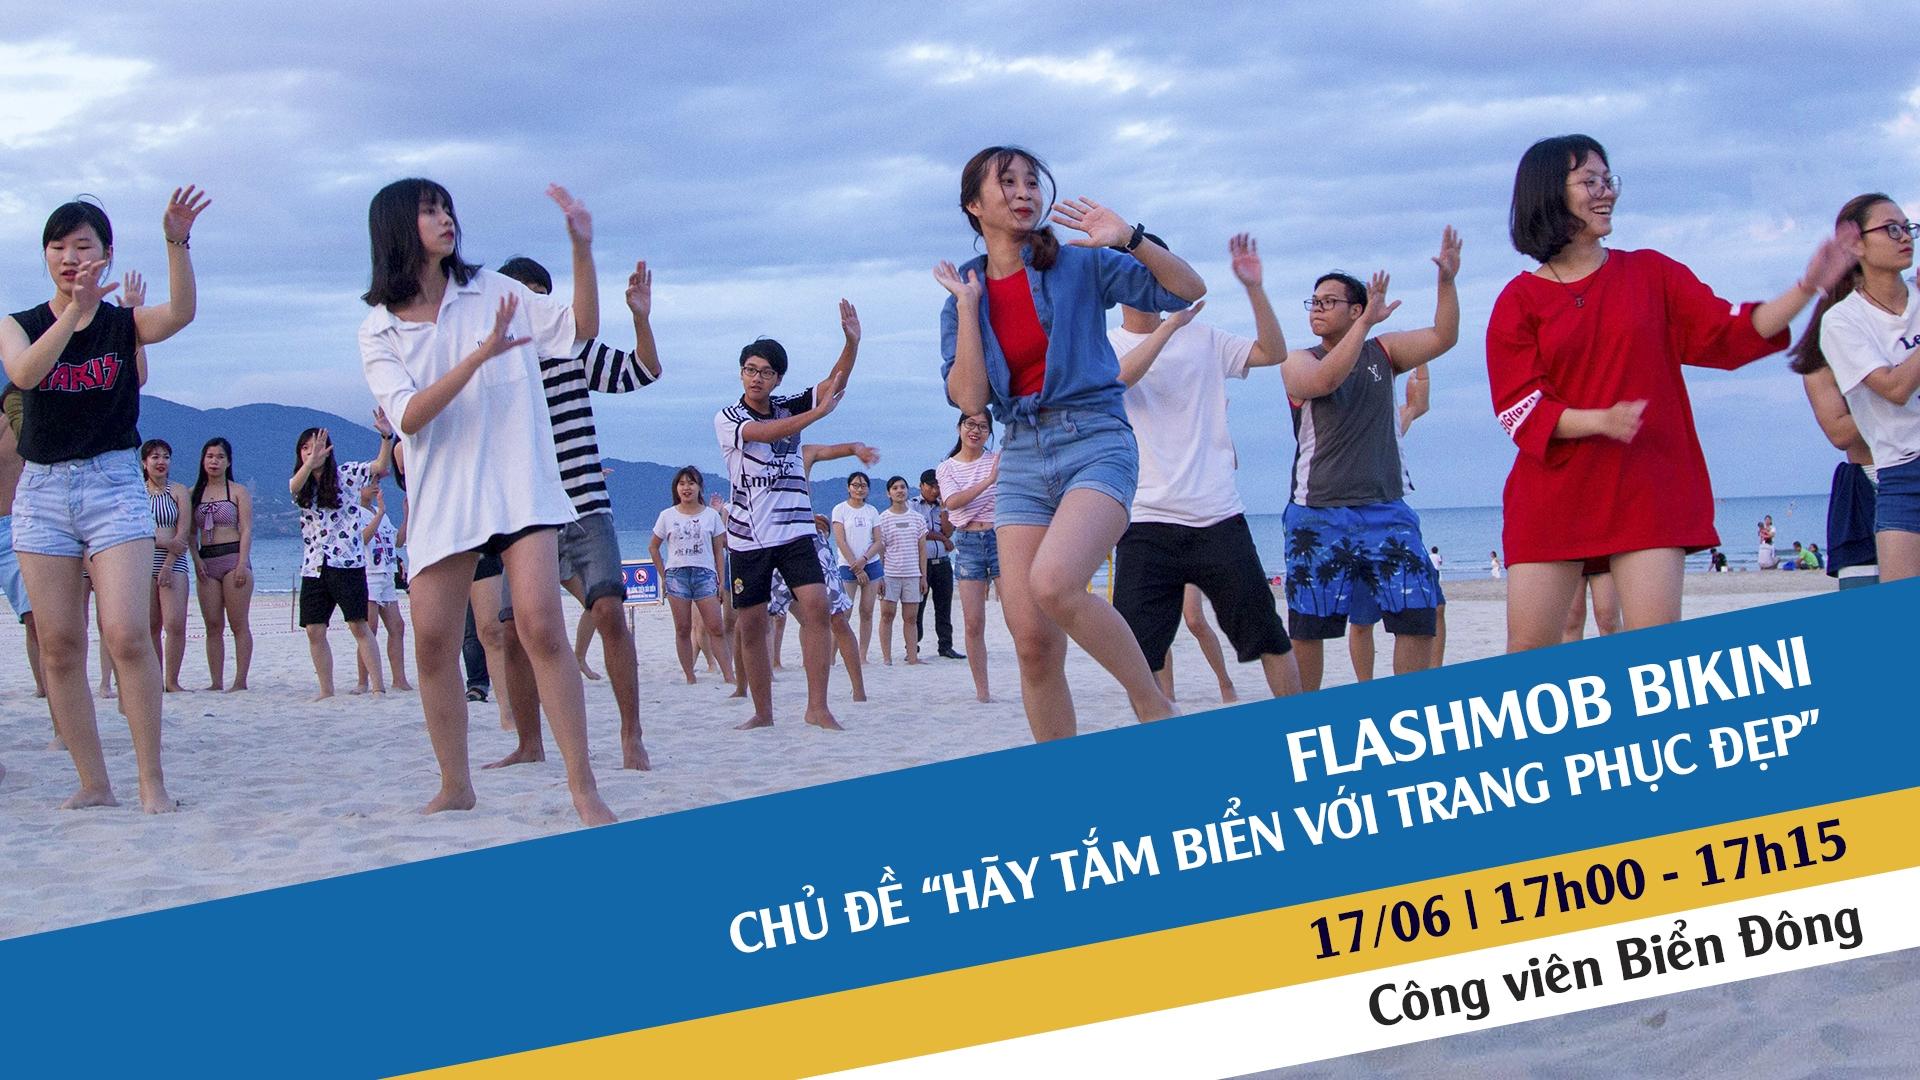 Đà Nẵng - Điểm hẹn mùa hè 2017 flashmob